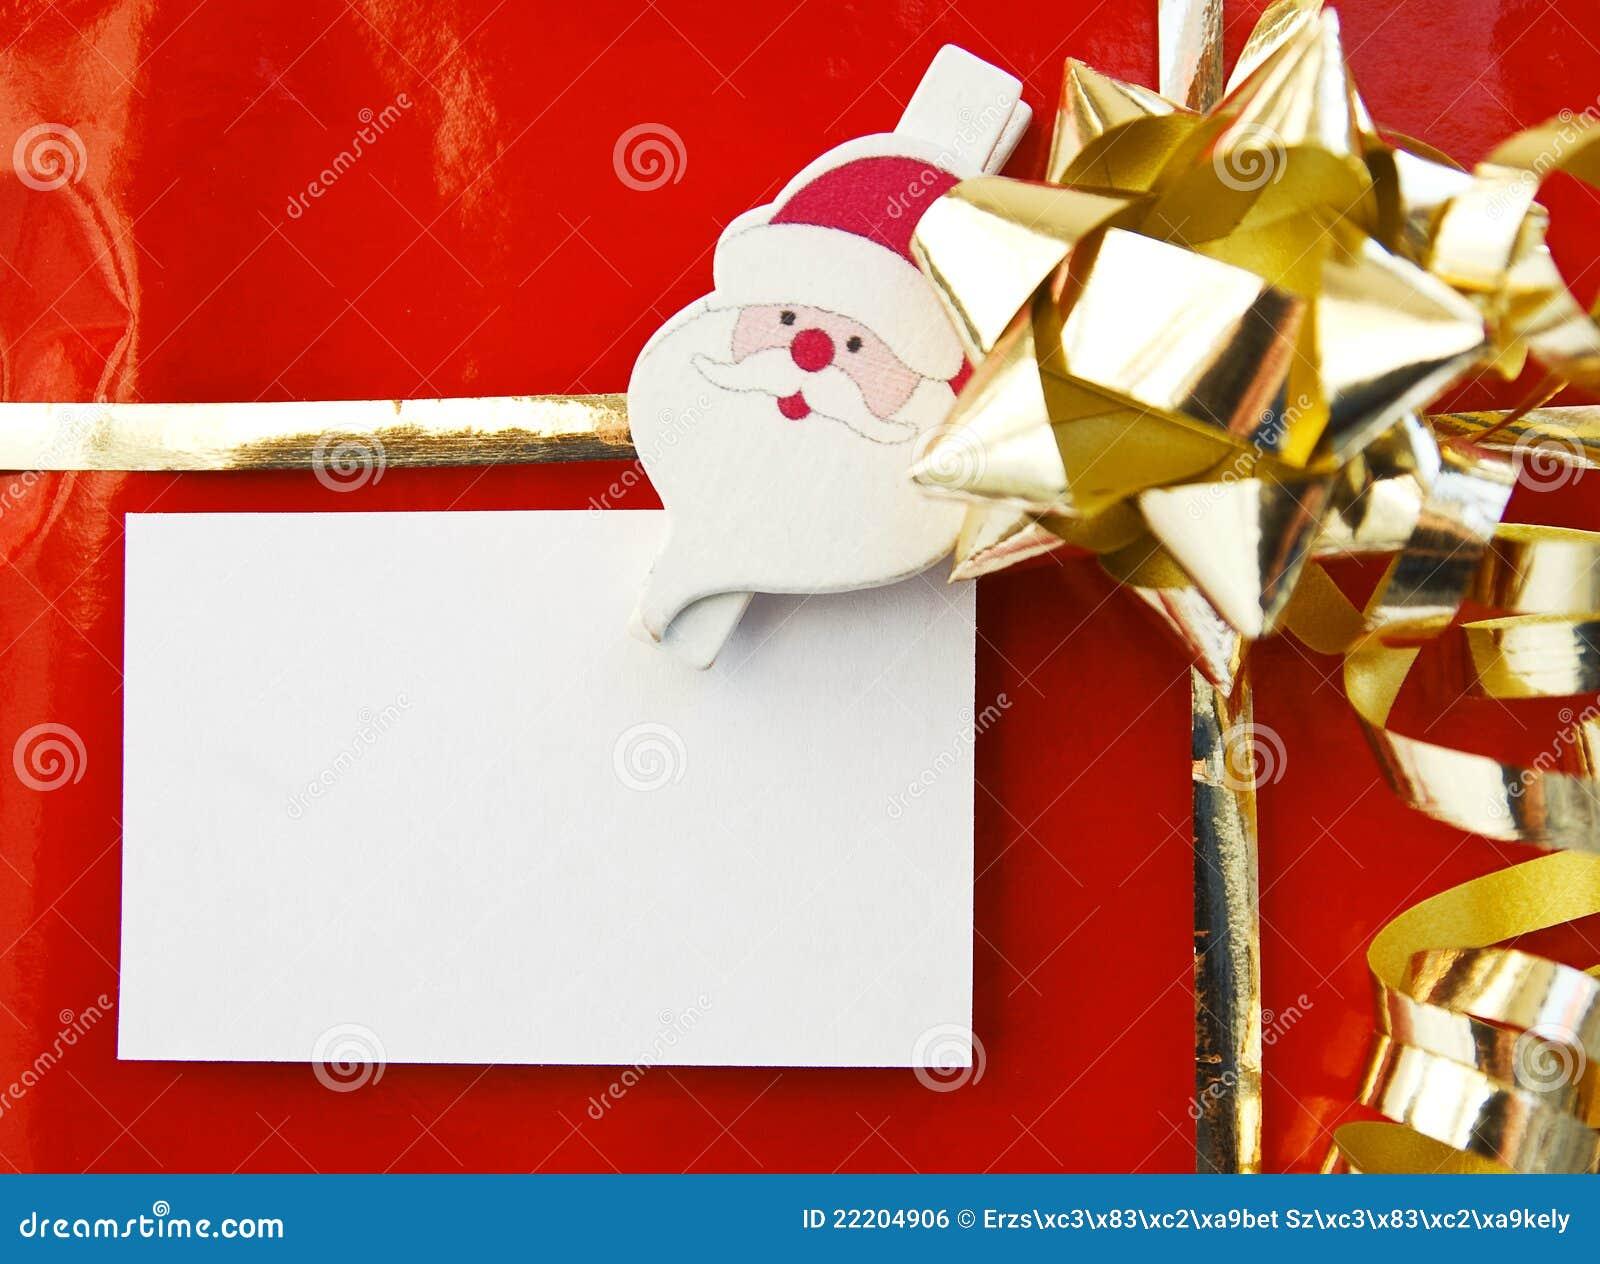 regalo de la navidad con la tarjeta vaca